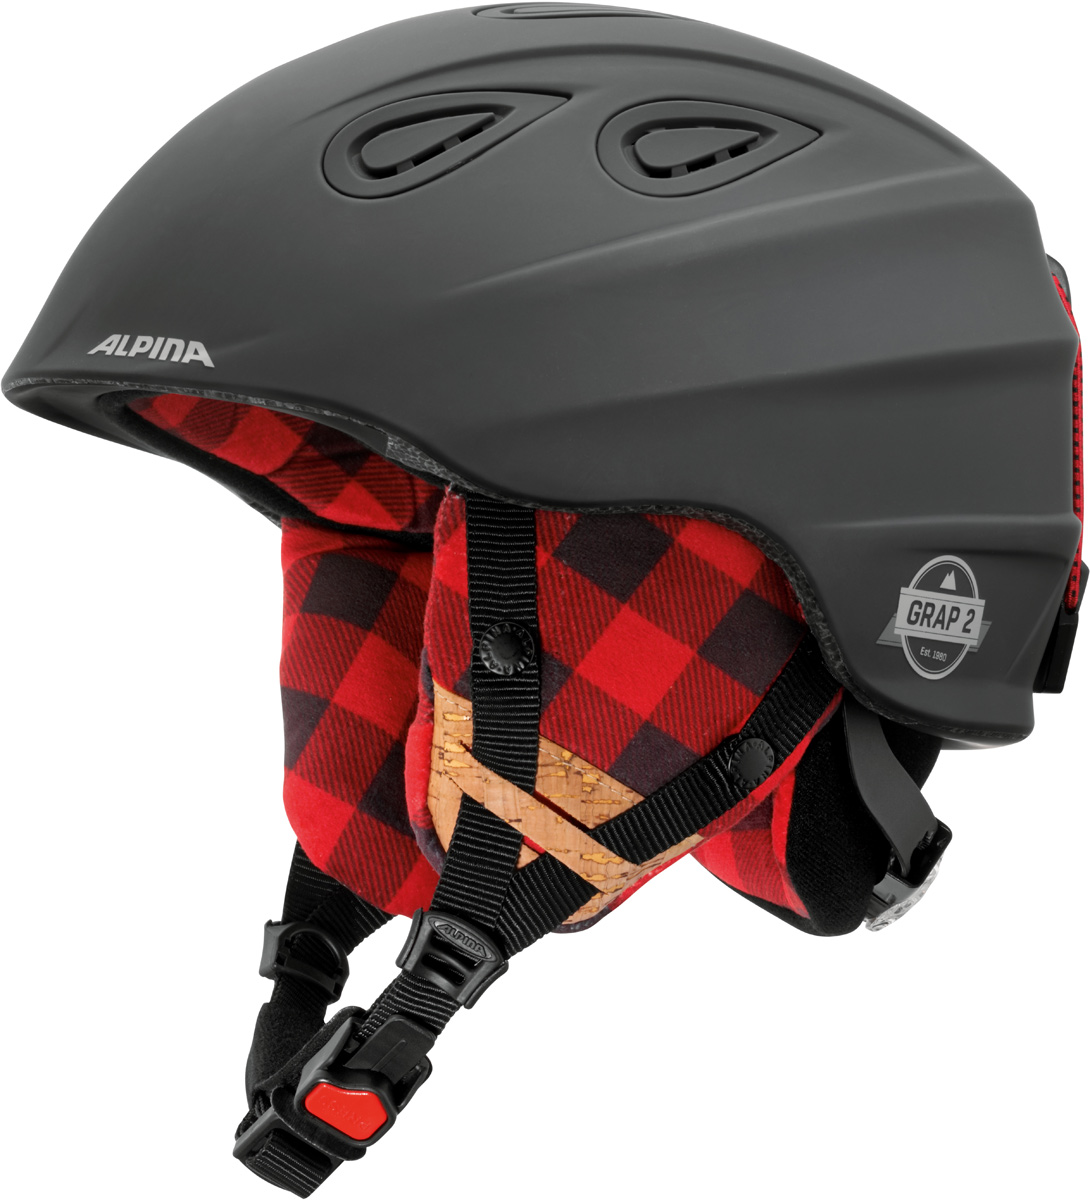 Шлем горнолыжный Alpina  Grap 2.0 LE , цвет: черный. A9094_31. Размер 54-57 - Горные лыжи